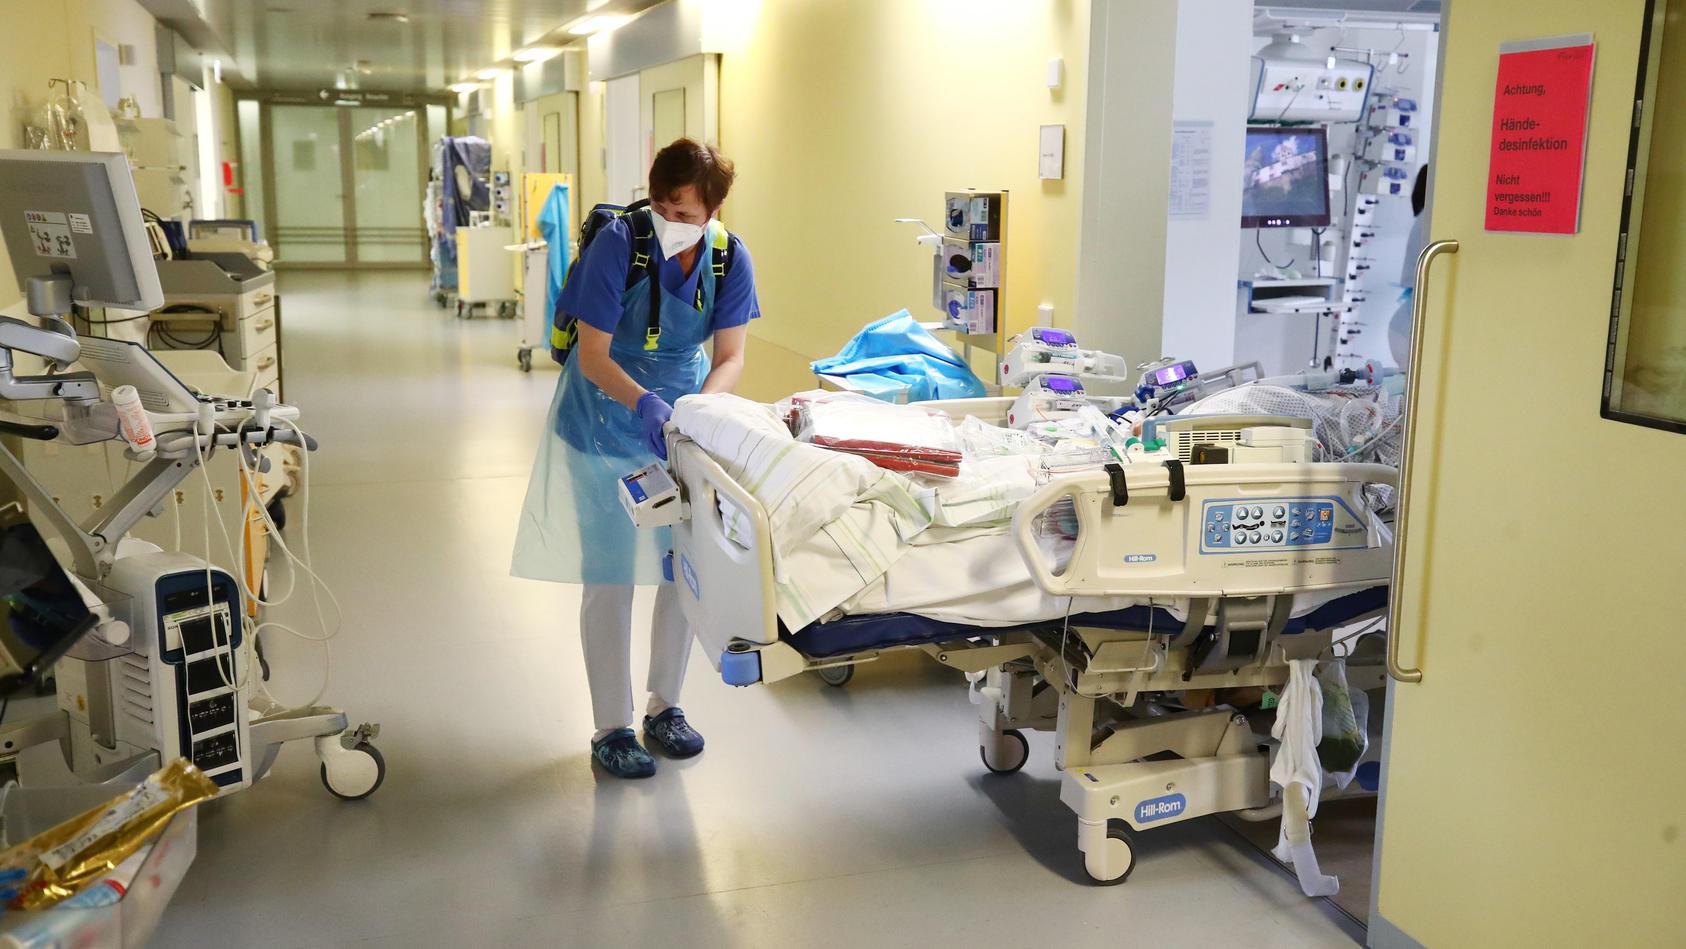 Ärzte und Pfleger verlegen einen Patienten in eine neu geschaffene Intensivstaion im SRH Waldklinikum. Die jetzige Intensivstation wird für weitere schwer an Covid 19 erkrankte Patienten erweitert.